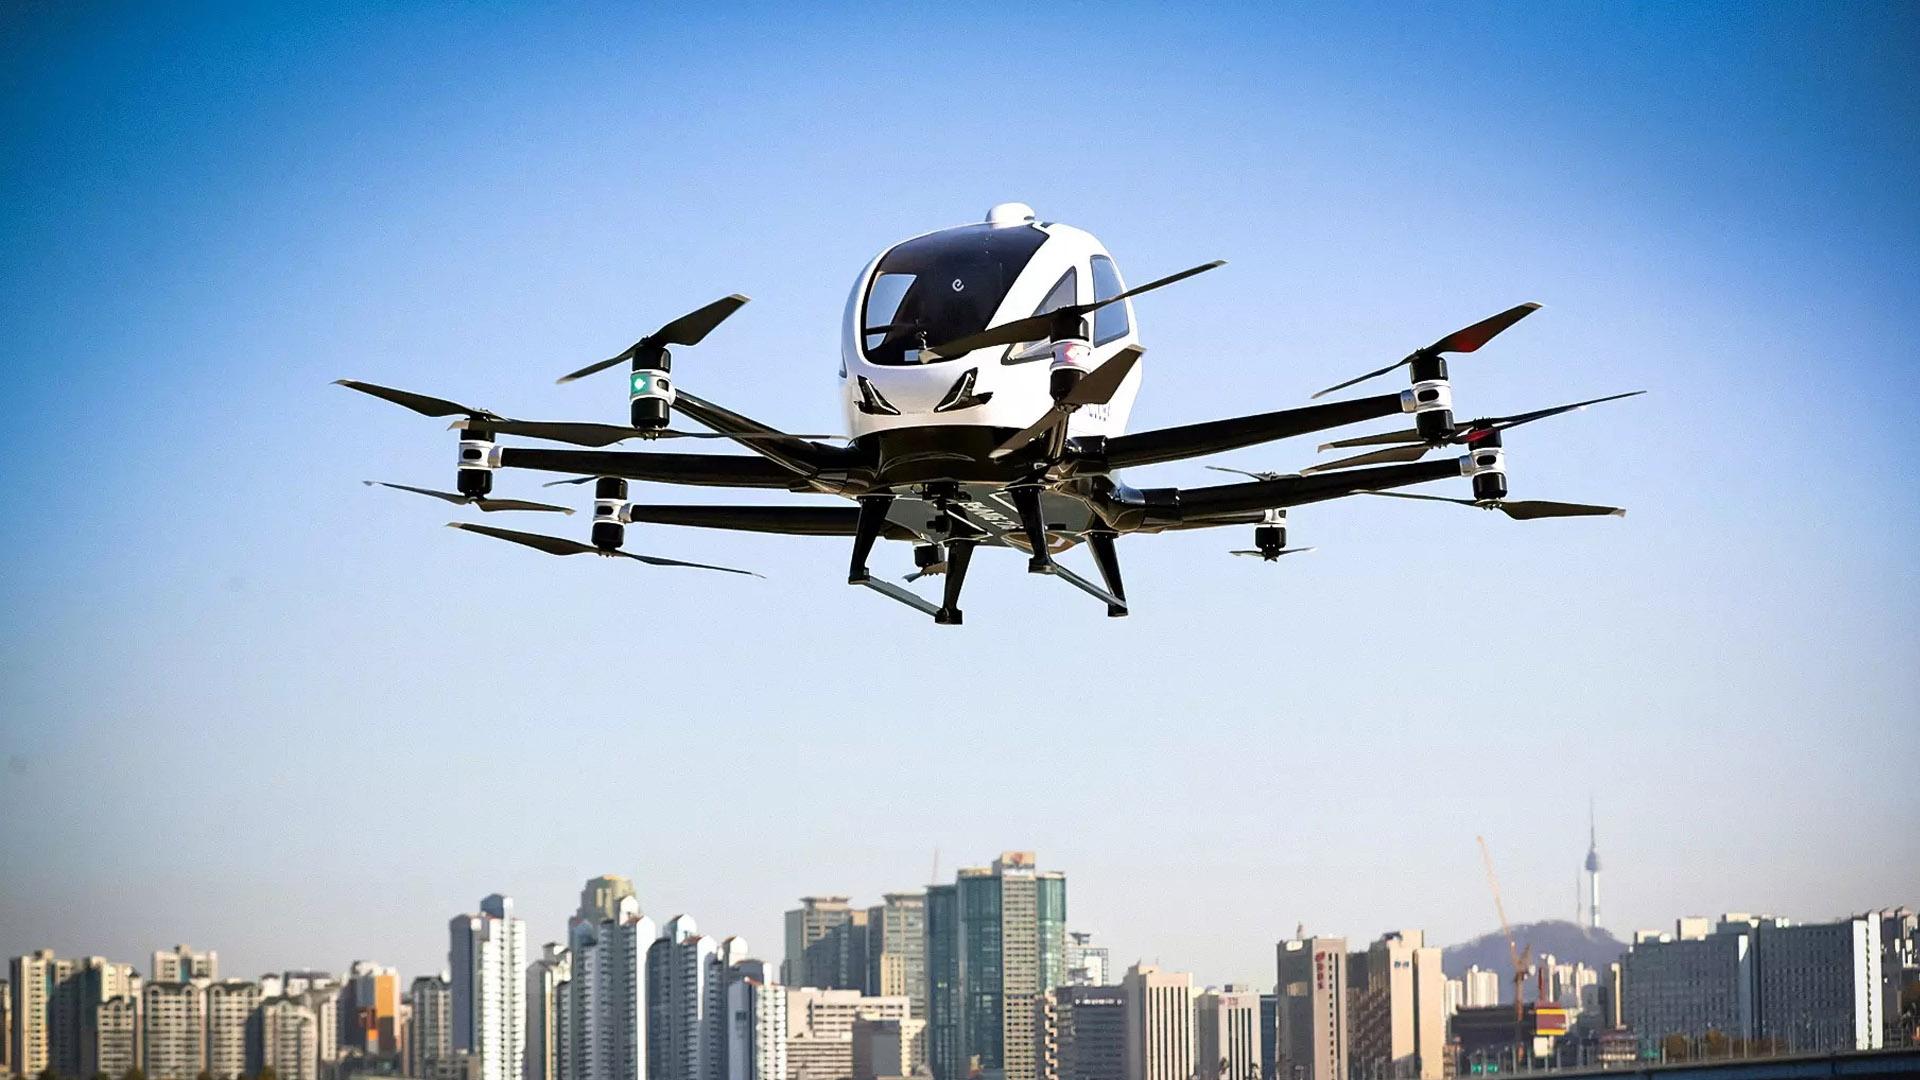 Объем рынка летающих такси вырастет до 860 млн долларов к 2030 году